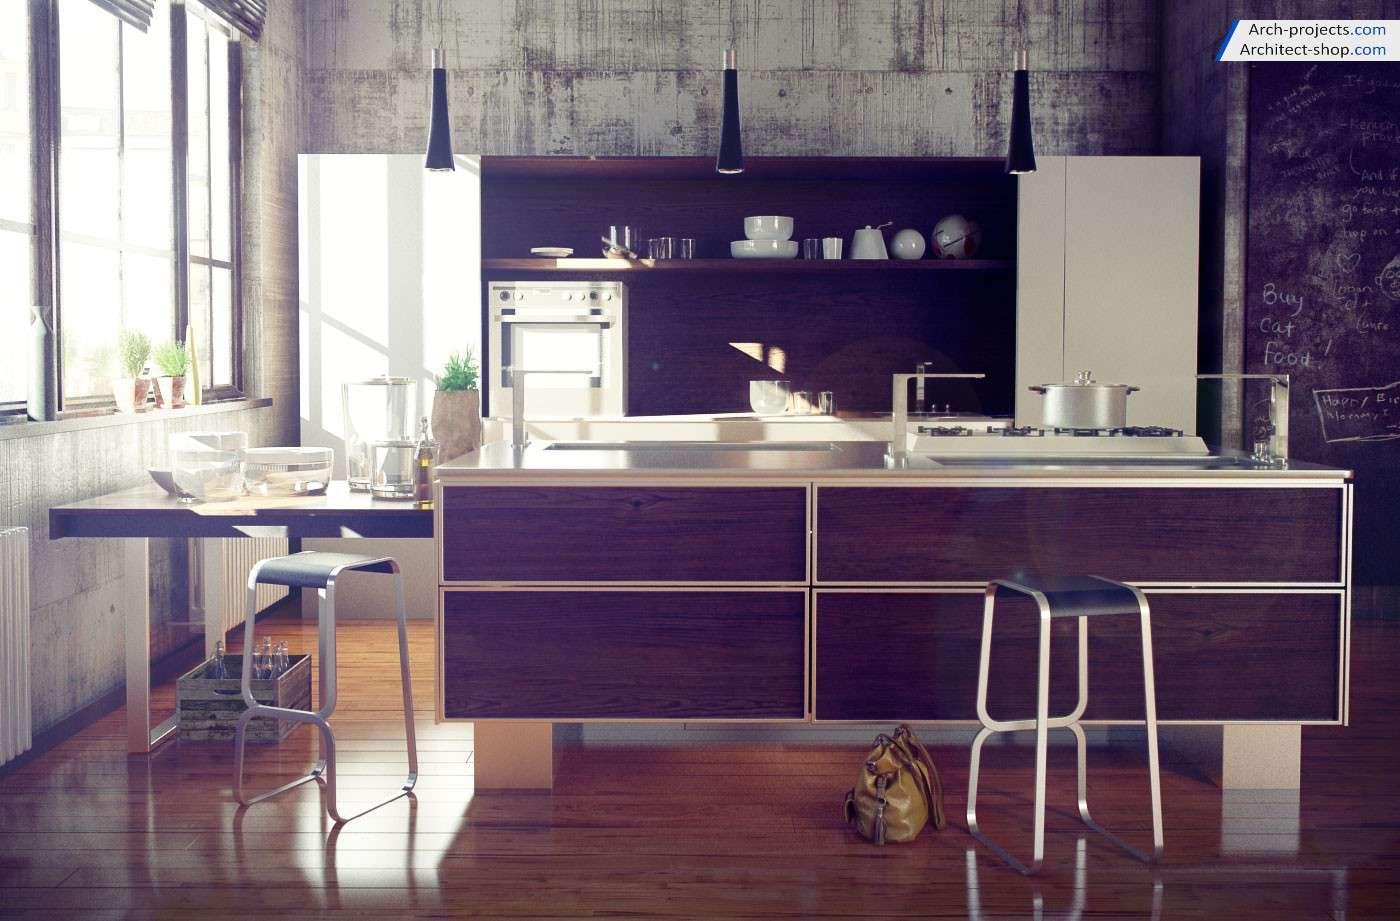 دانلود رایگان آبجکت آشپزخانه و کابینت - آرچ مدل 166